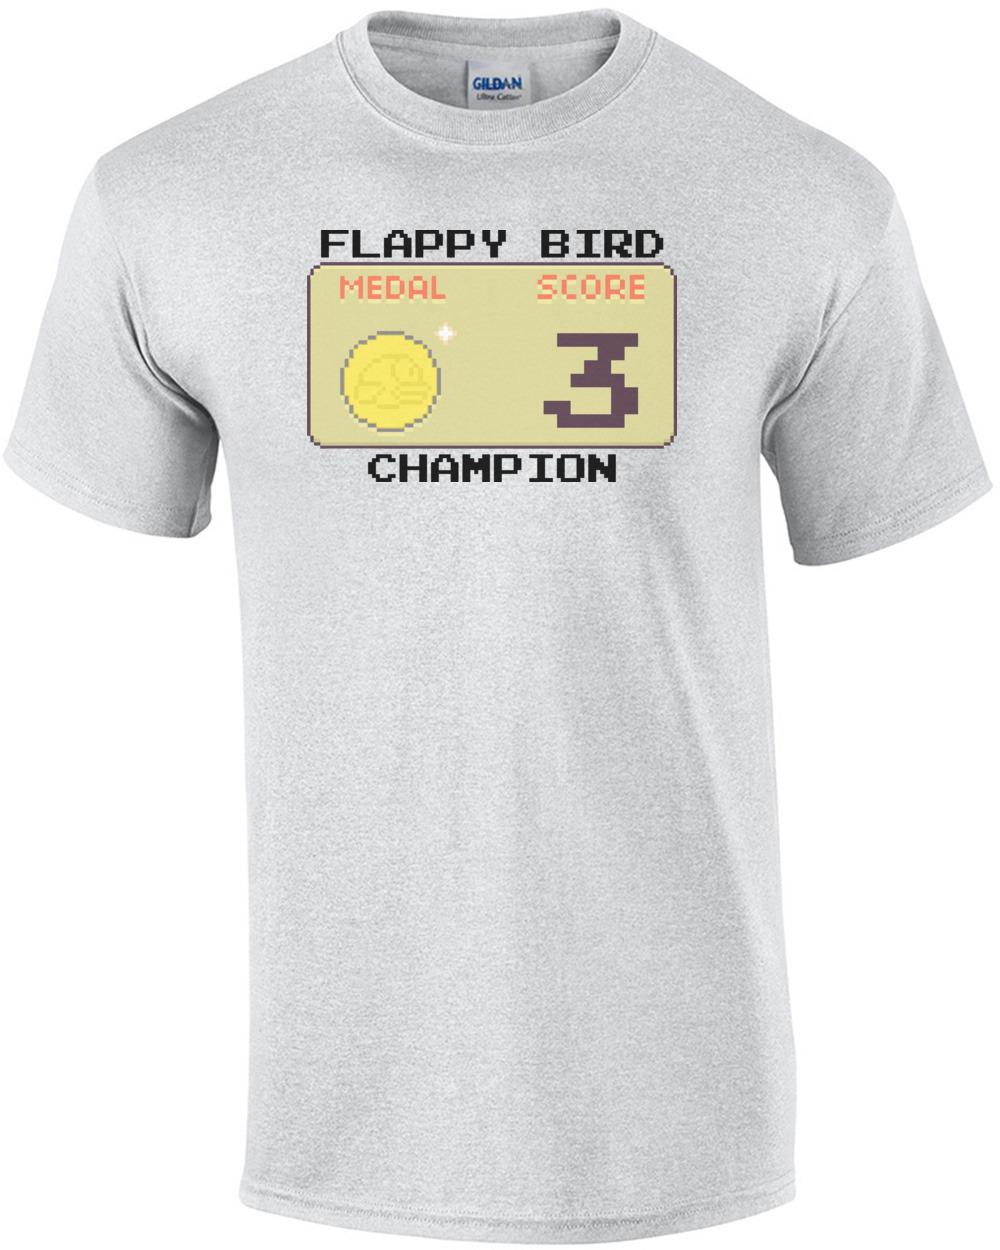 52e44b50d186 Flappy Bird Champion Shirt